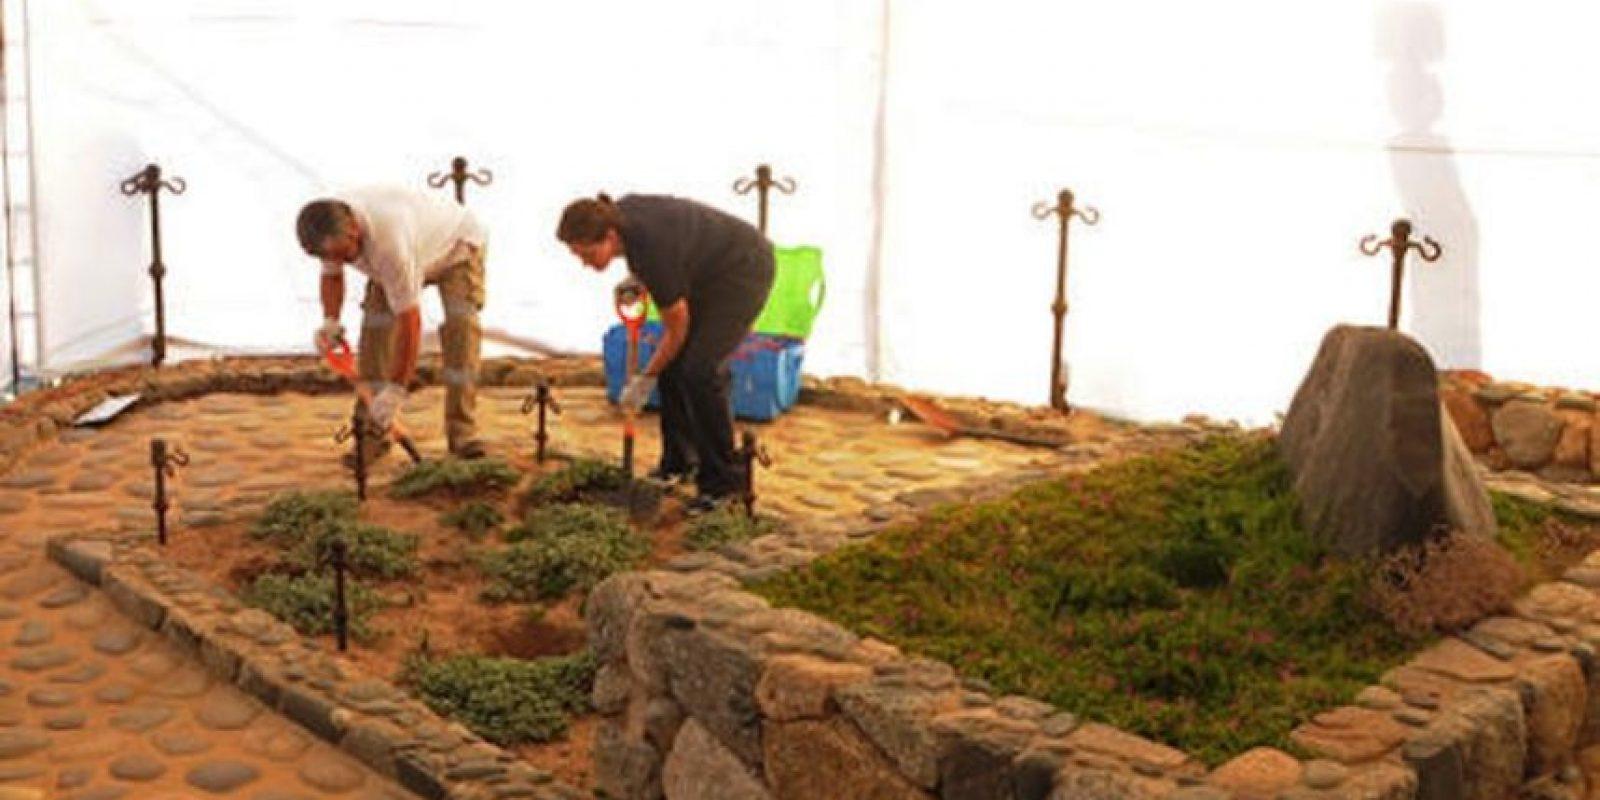 Fotografía difundida por el Poder Judicial de Chile de dos especialistas forenses al inicio de las excavaciones en la tumba del Premio Nobel Pablo Neruda, en Isla Negra, Chile, el domingo 7 de abril de 2013. Foto:AP